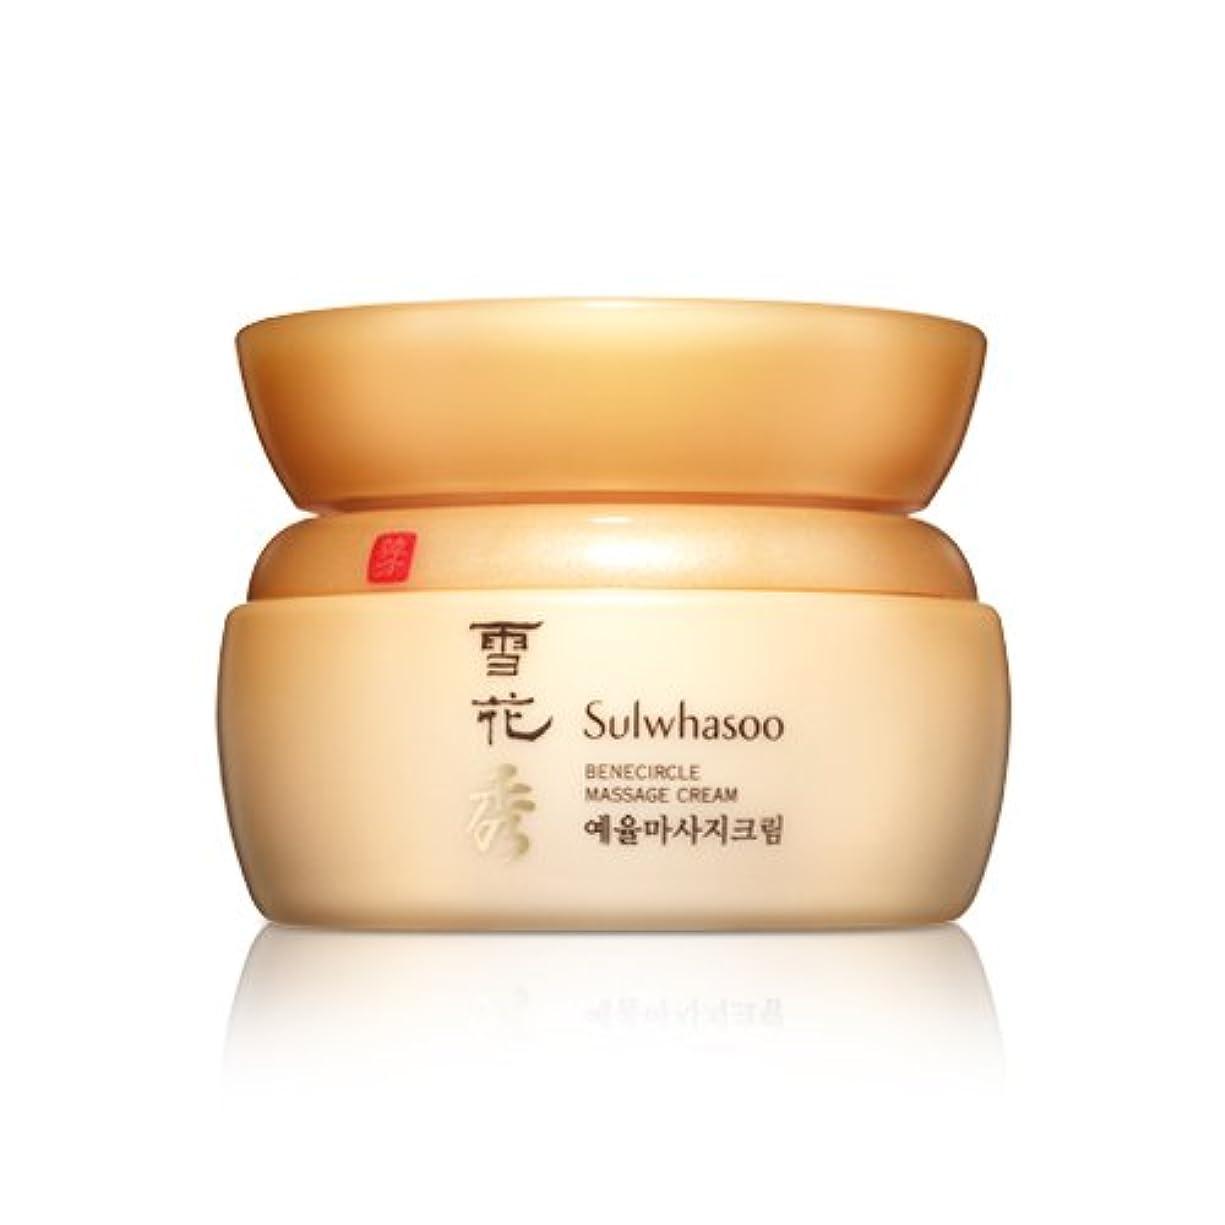 雪花秀(ソルファス)叡率(イェユル)マッサージクリーム(Benecircle Massage Cream)180ml